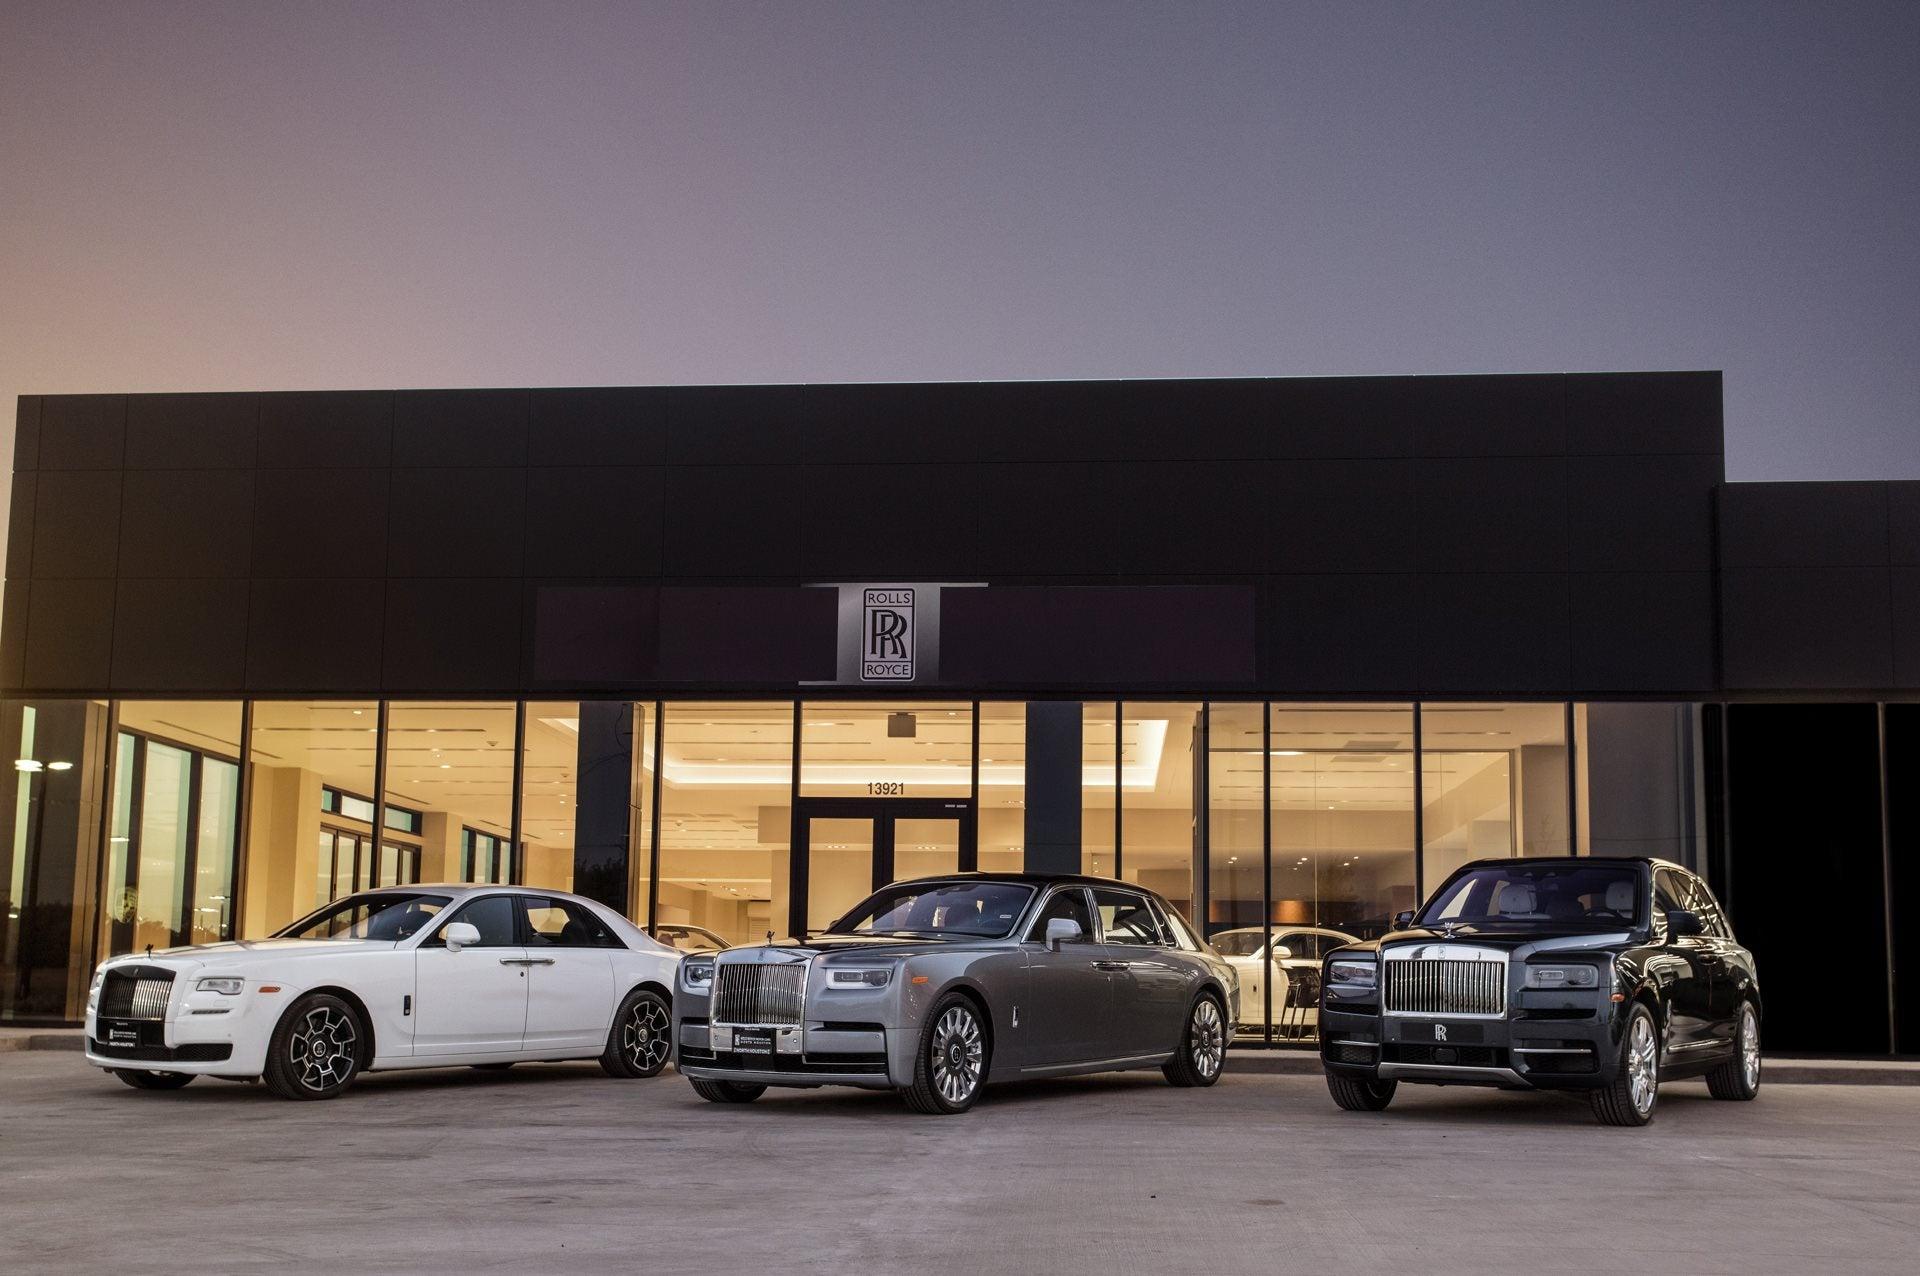 Rolls Royce Dealers >> Learn More About Rolls Royce North Houston Rolls Royce